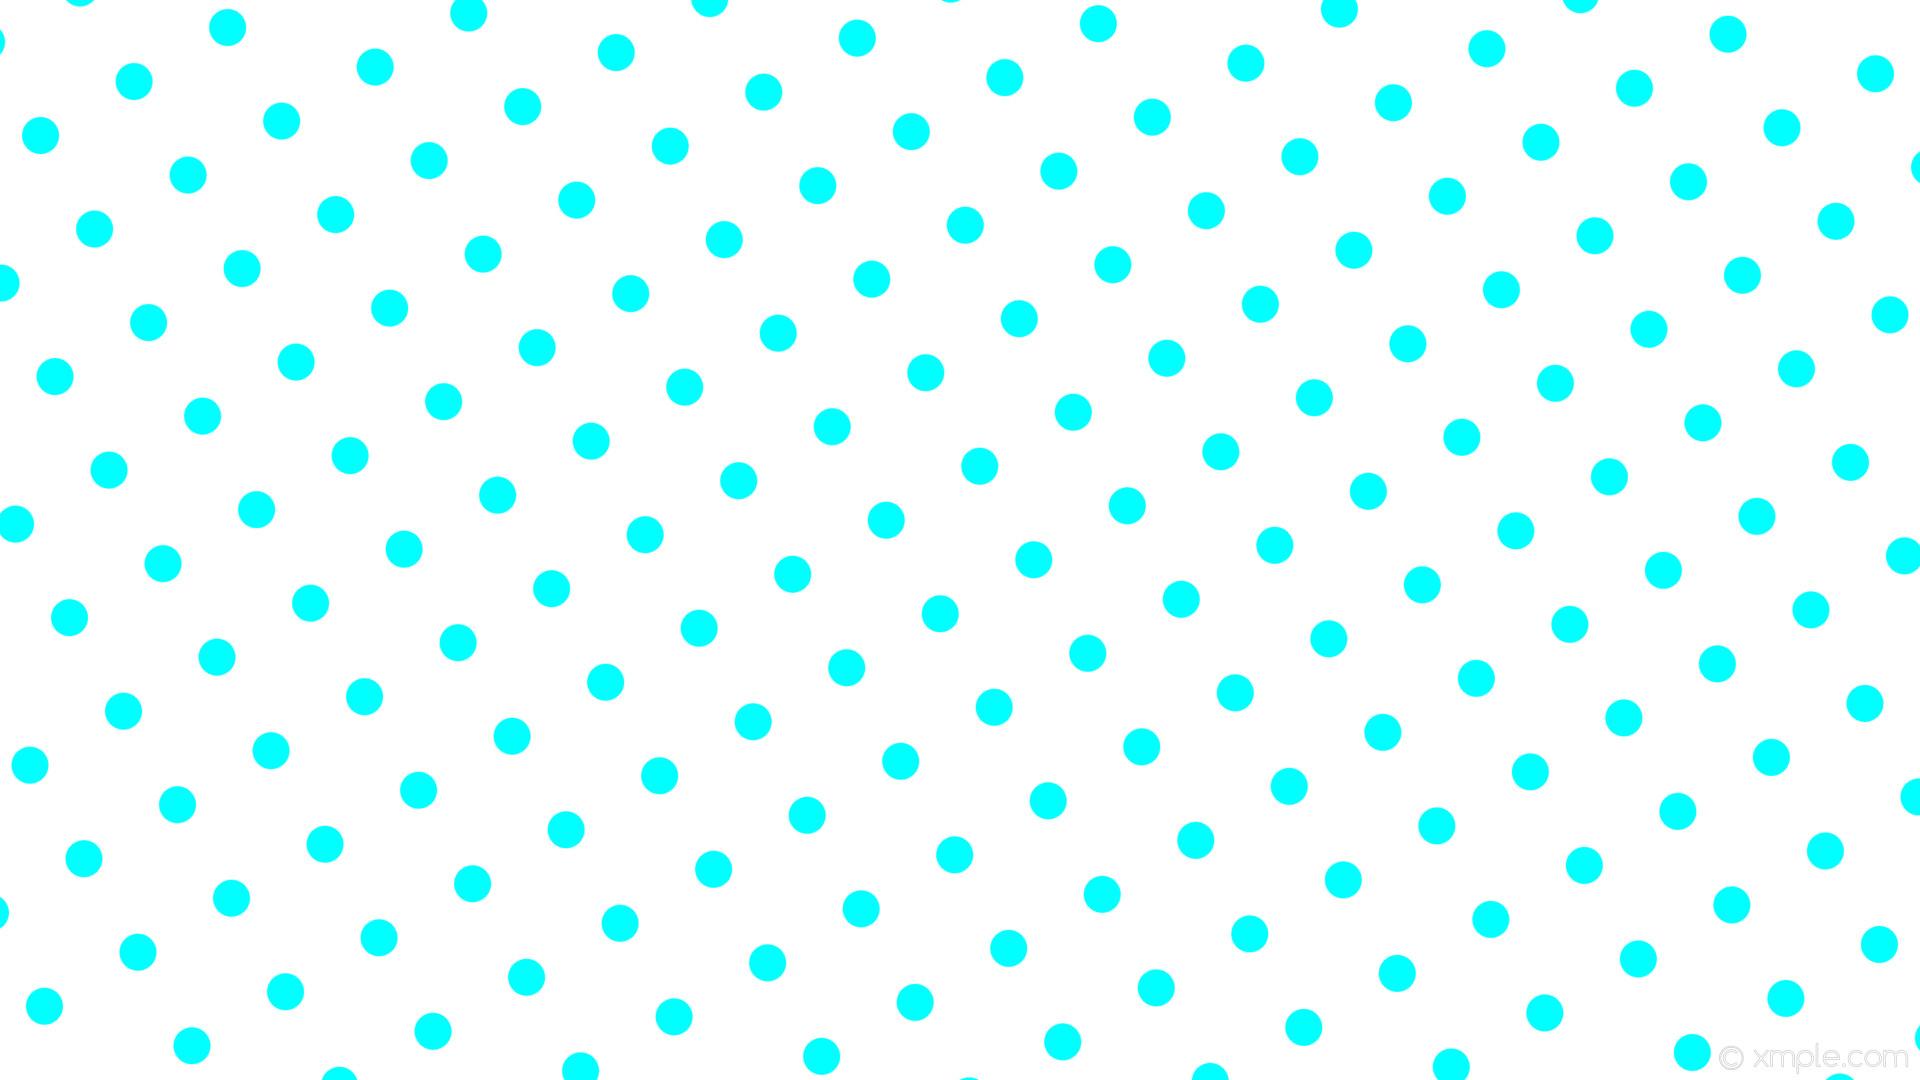 1920x1080 Wallpaper White Polka Dots Blue Spots Aqua Cyan Ffffff 00ffff 210A 37px